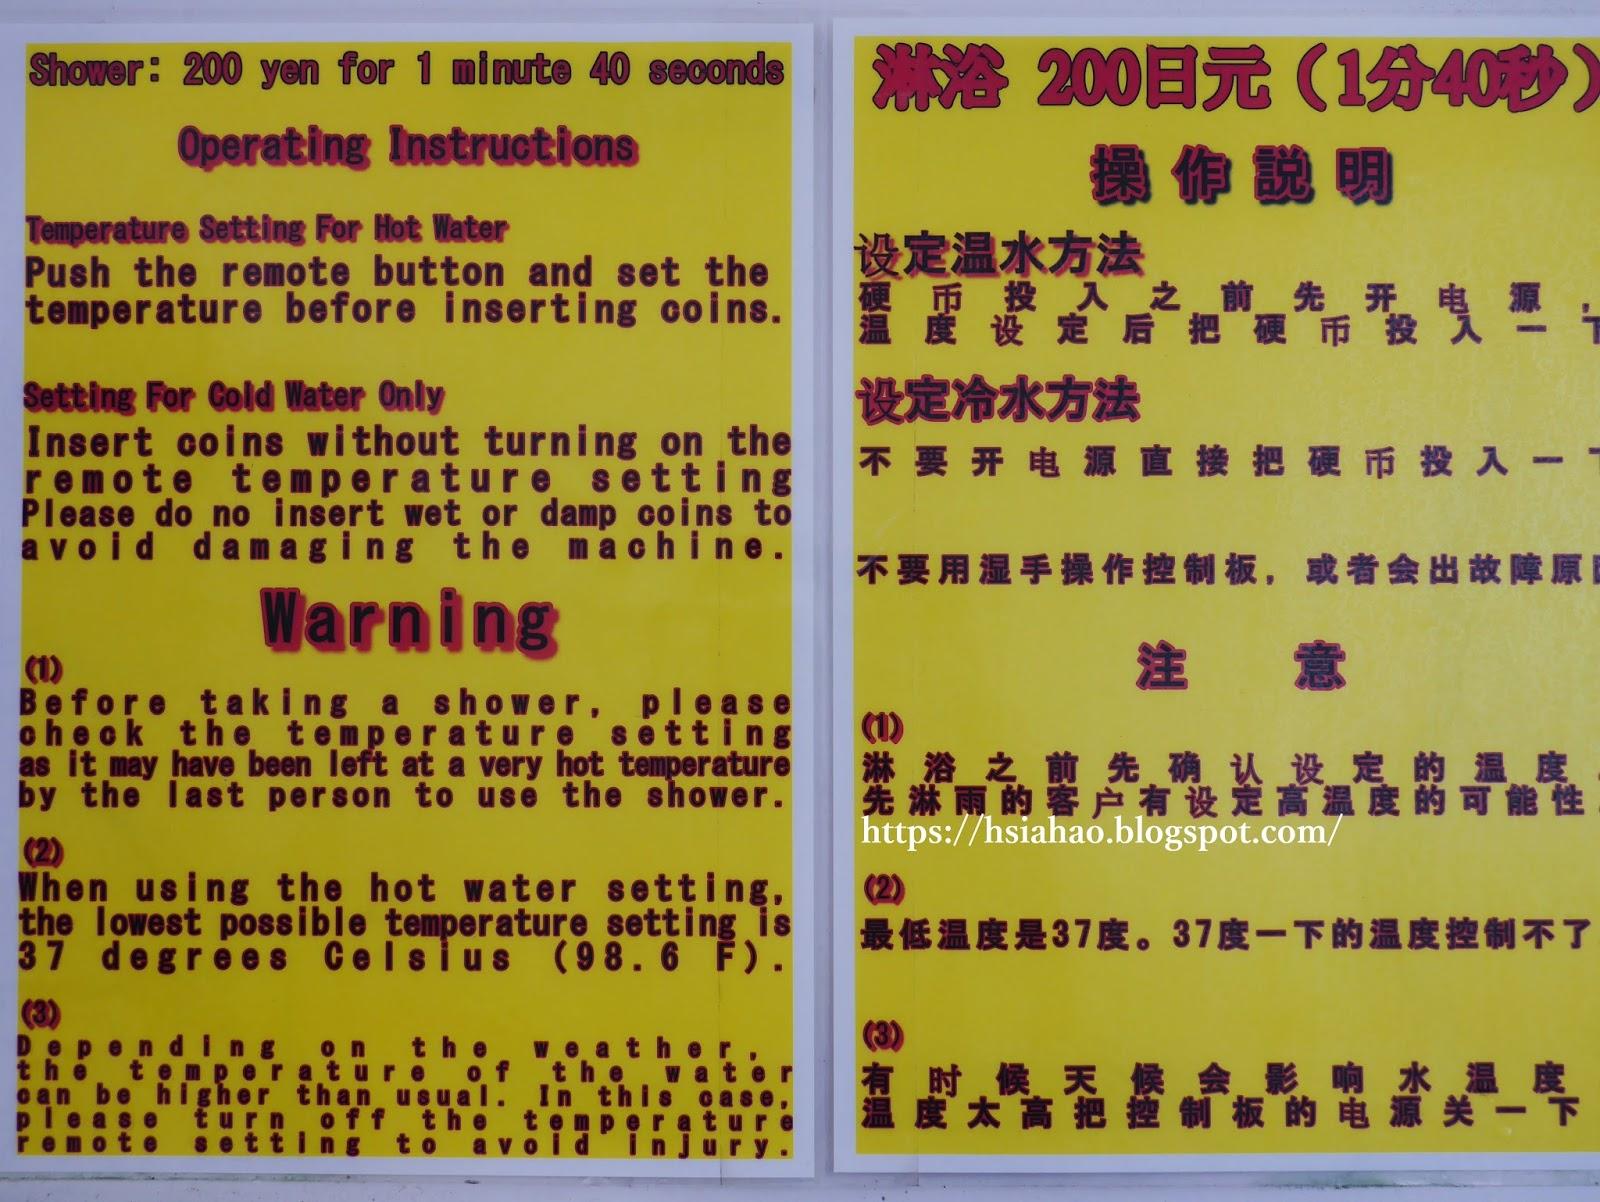 沖繩-推薦-景點-真榮田岬-青之洞窟-真榮田岬潛水-真榮田岬浮潛-青之洞窟潛水-青之洞窟浮潛-淋浴間-青の洞窟-自由行-旅遊-Okinawa-diving-snorkeling-maeda-cape-blue-cave